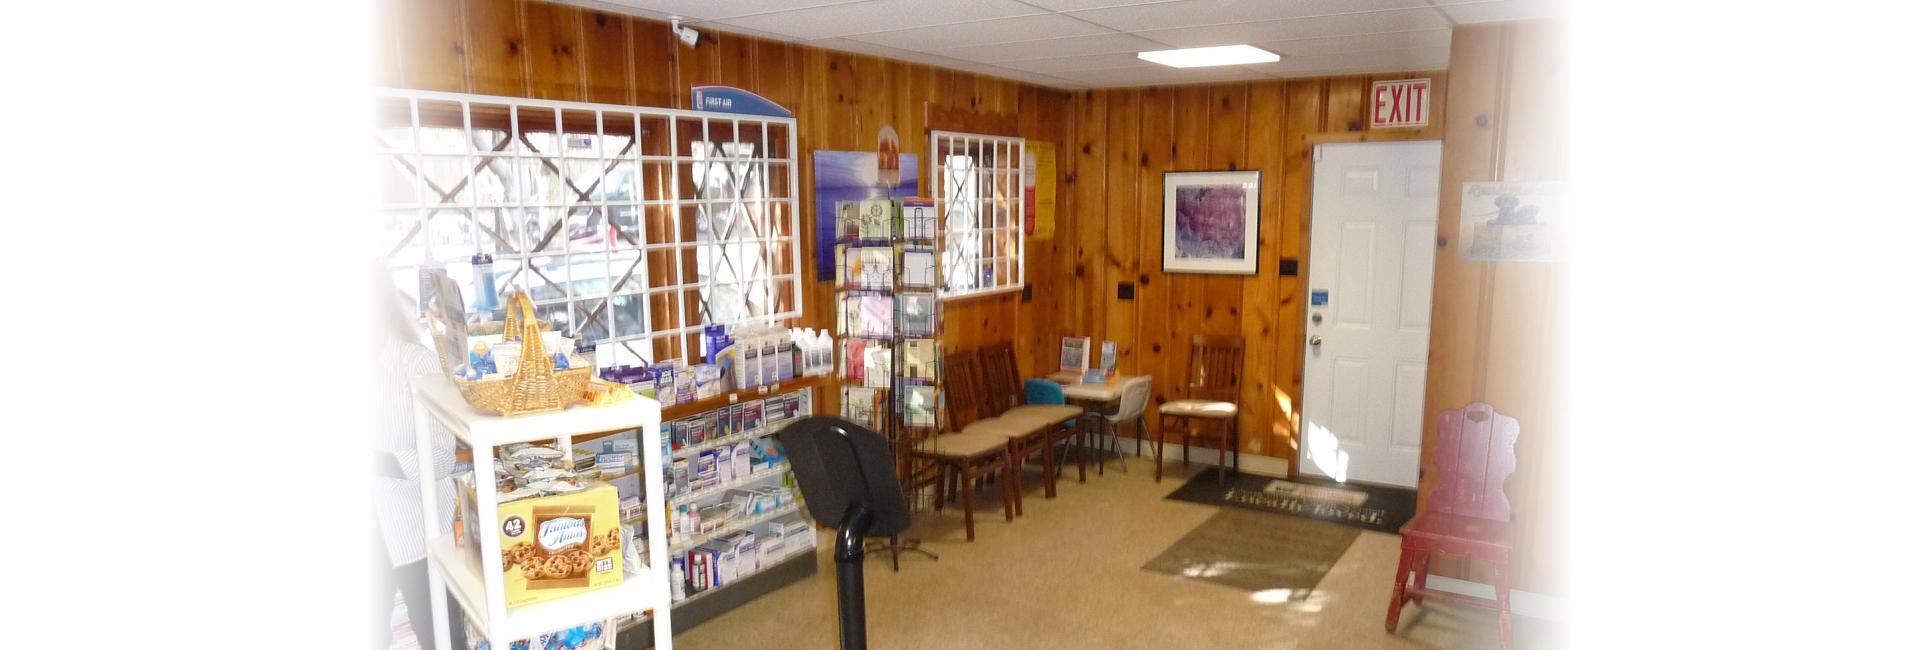 pharmacist inside the pharmacy